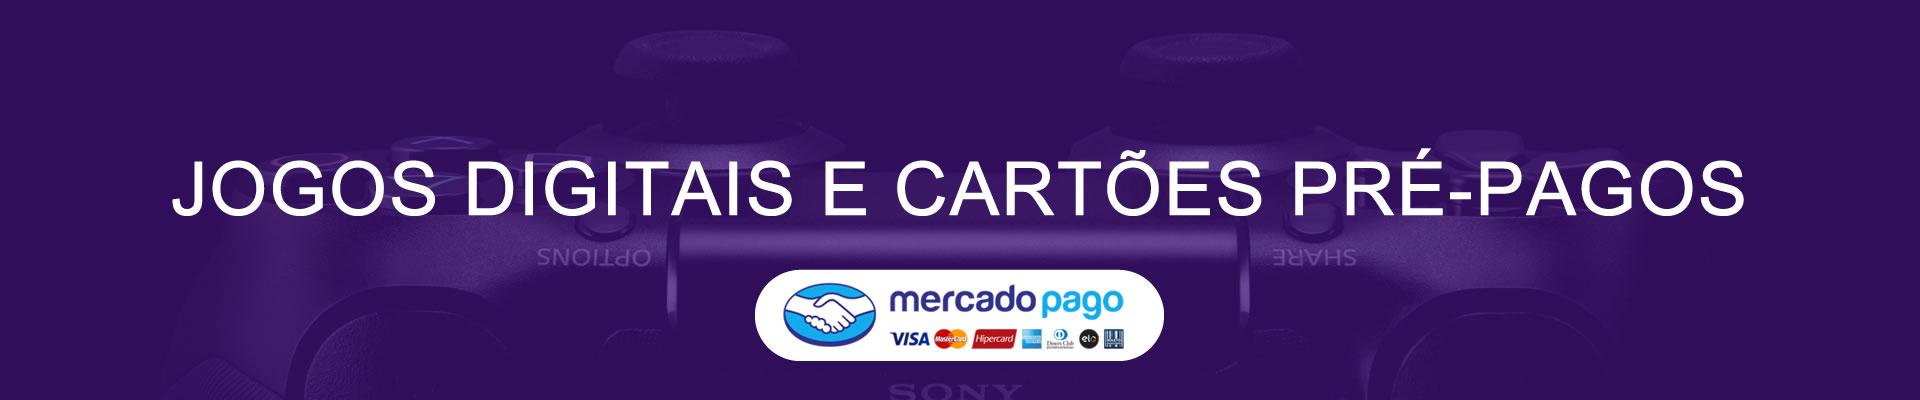 cartoes-psn-e-jogos